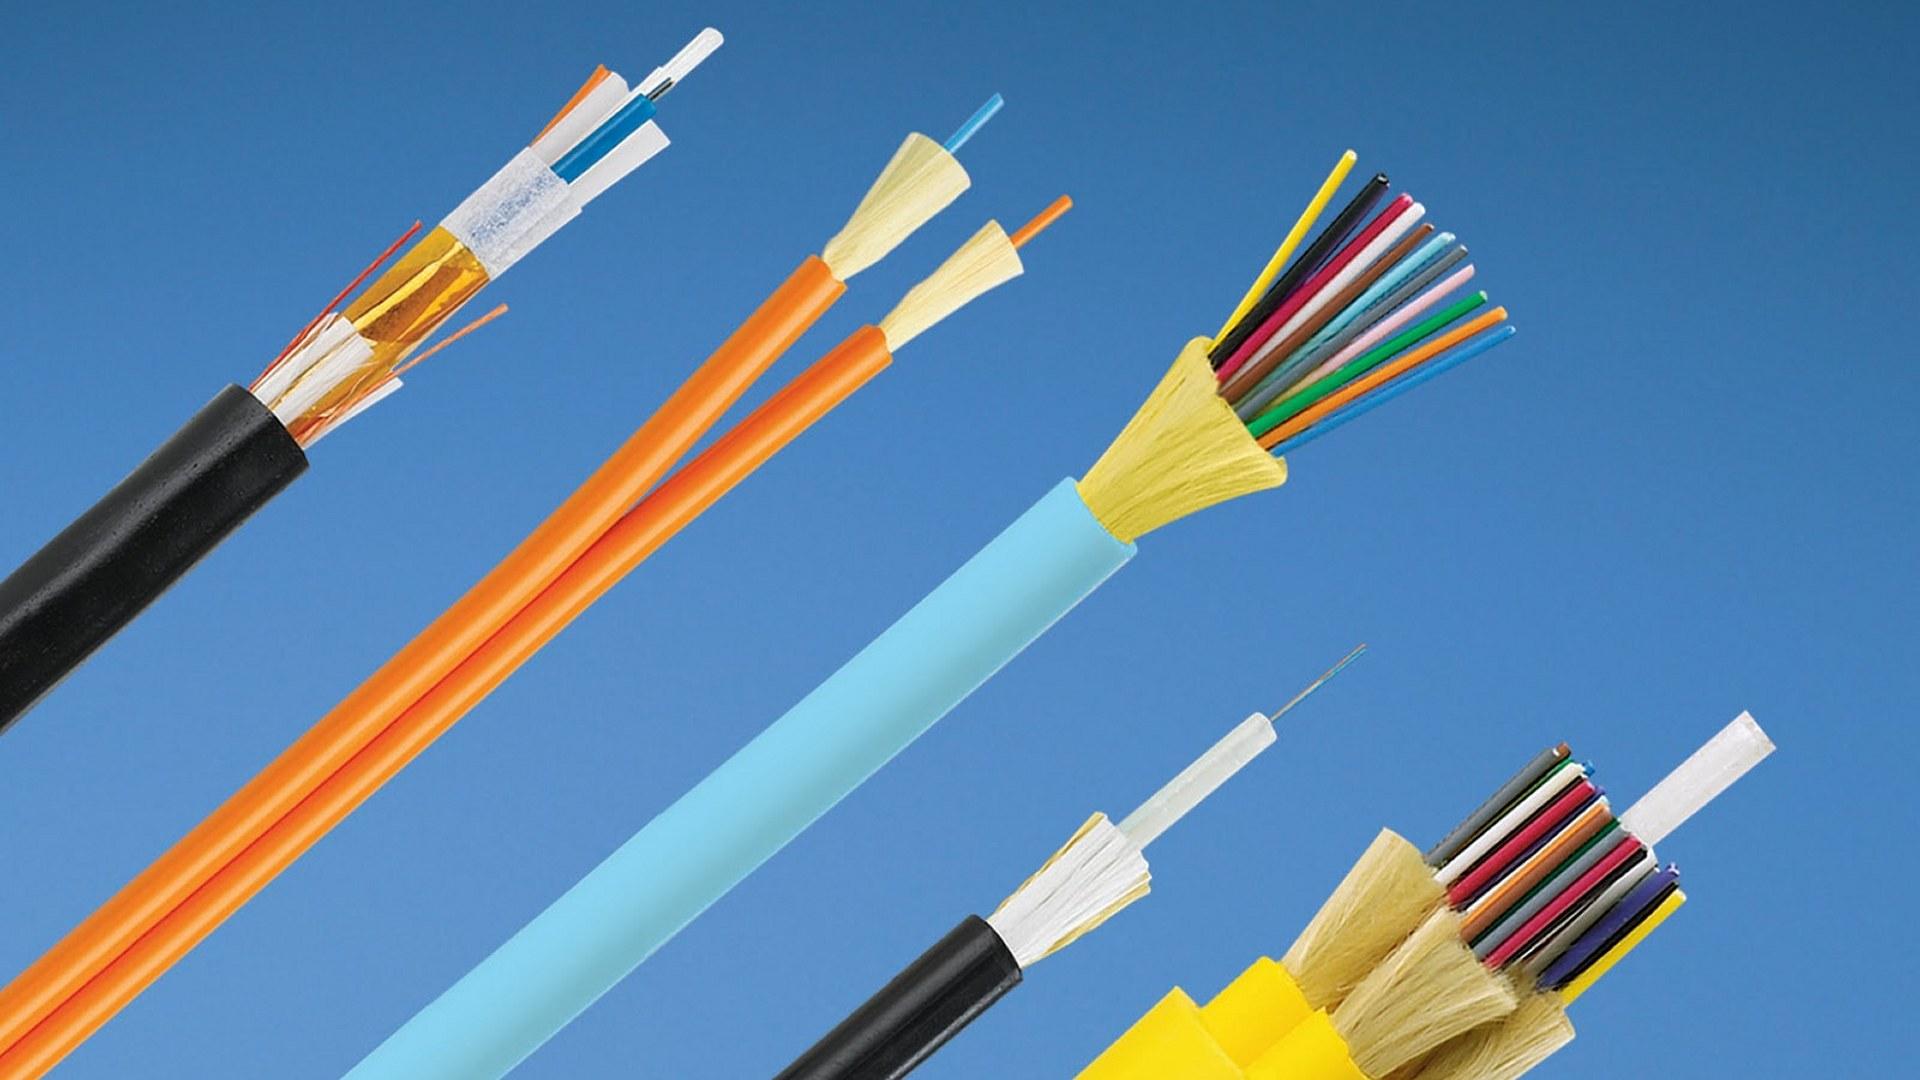 Çok Modlu Fiber Optik Kablo Çeşitleri